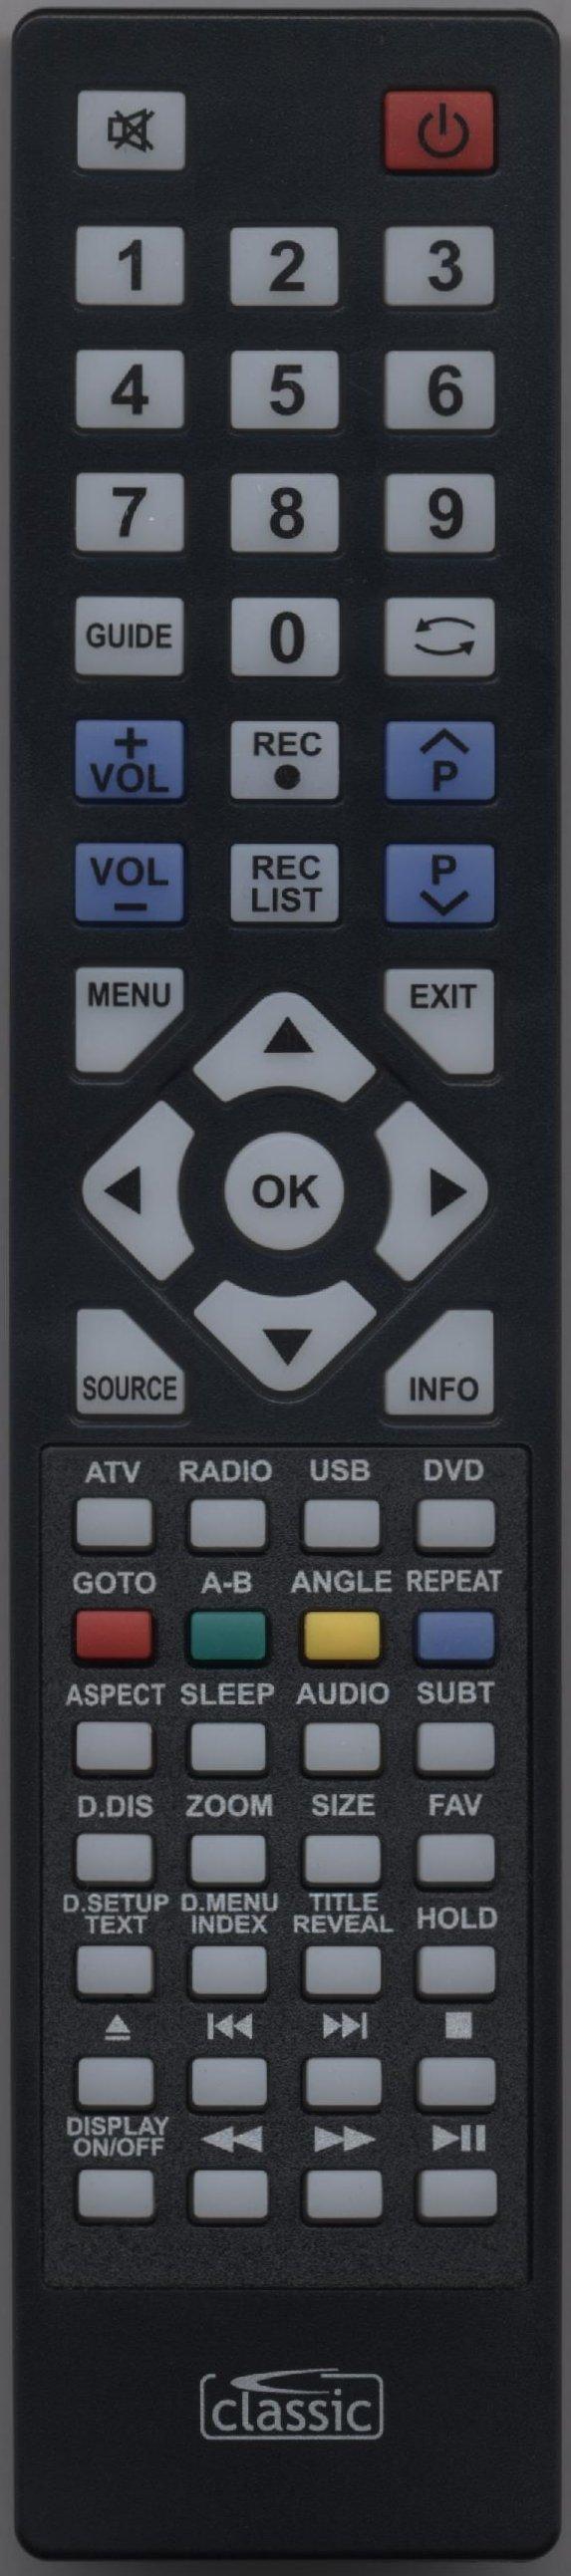 Blaupunkt BLA-32/189I-GB-5B-1HBKU-DE Remote Control Alternative